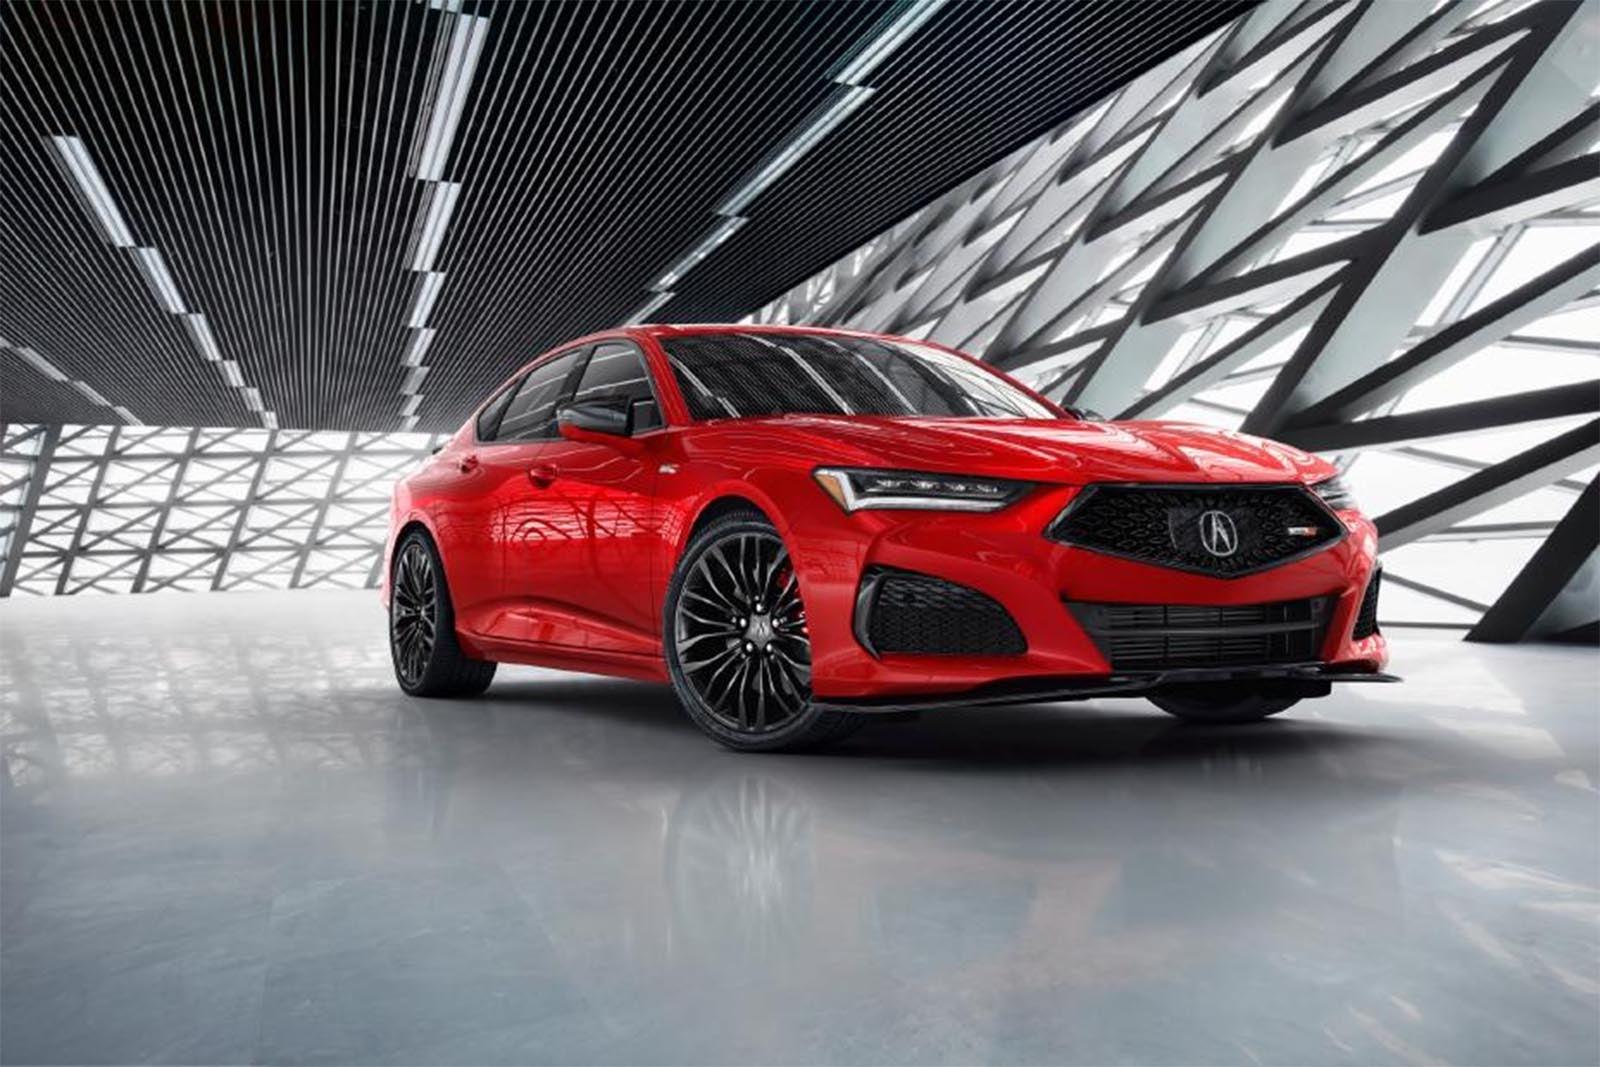 Acura TLX, 2020 Toyota 86, ATS RR Turbo